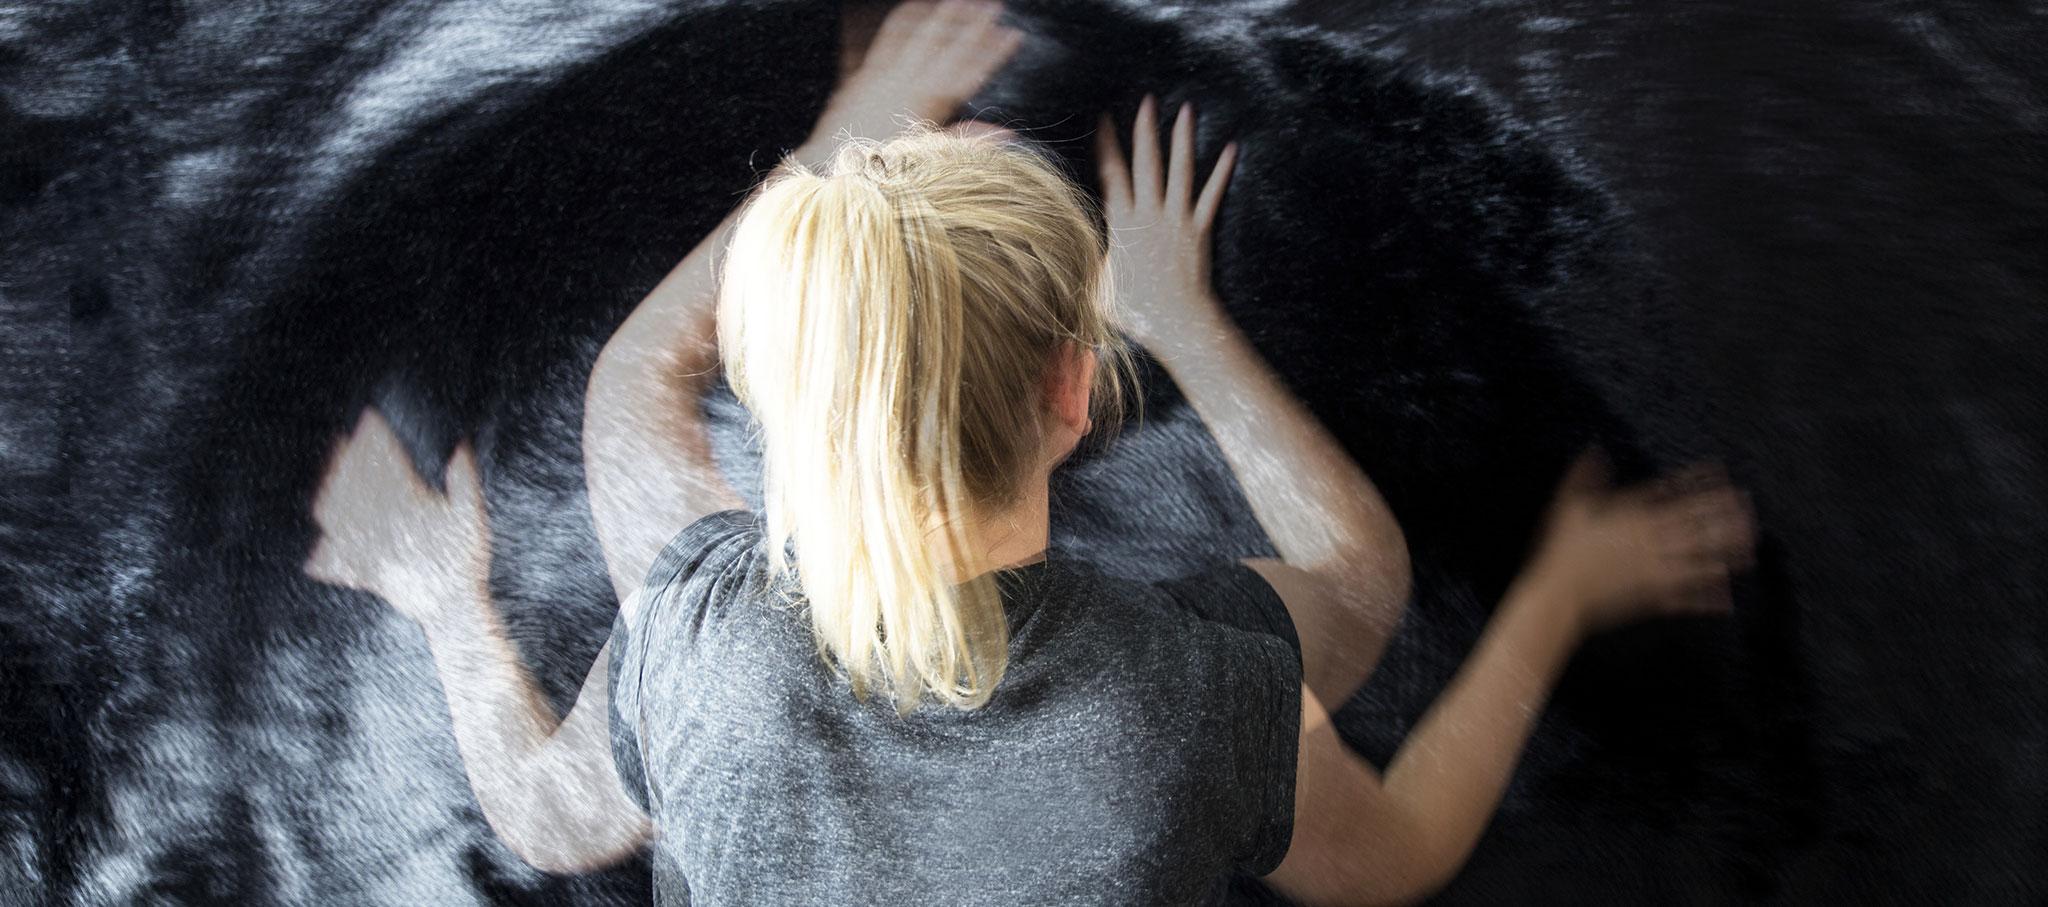 Roos Meerman tactile Orchestra © XandravanderEijk. 'Los sentidos: Diseño más allá de la Visión' en Cooper Hewitt. Cortesía de Cooper Hewitt